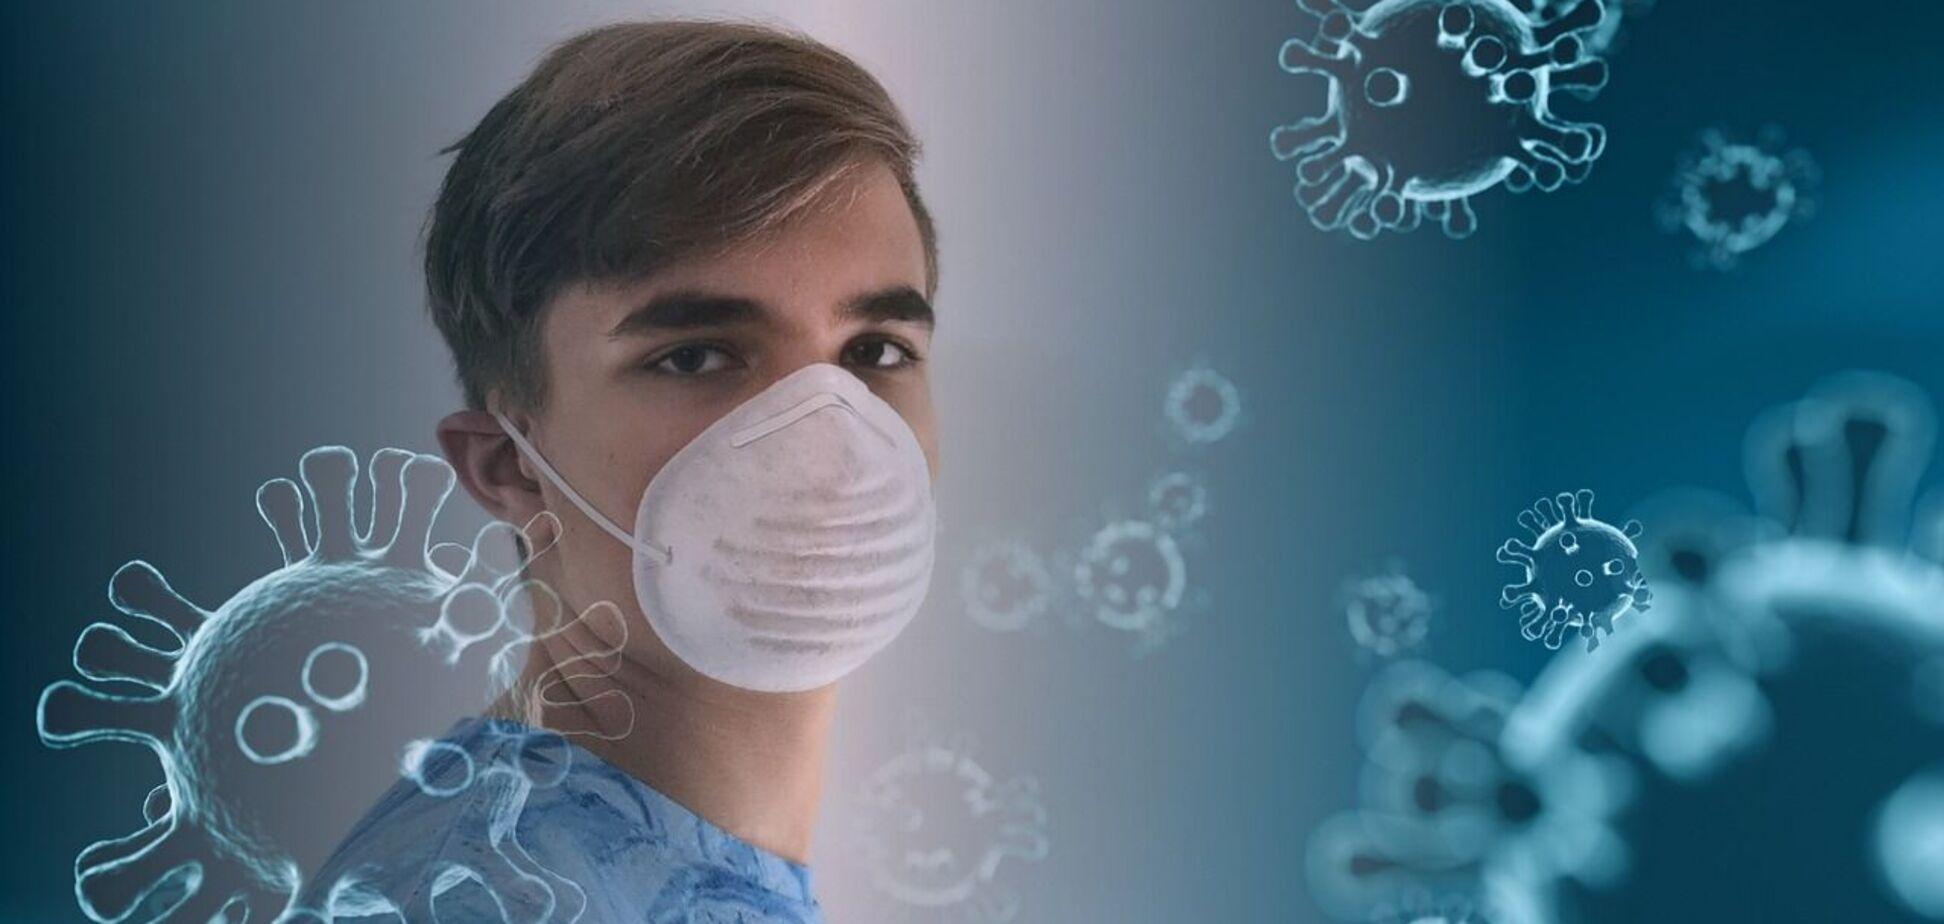 В Україні діти почали частіше хворіти на COVID-19 після відкриття шкіл – НАН